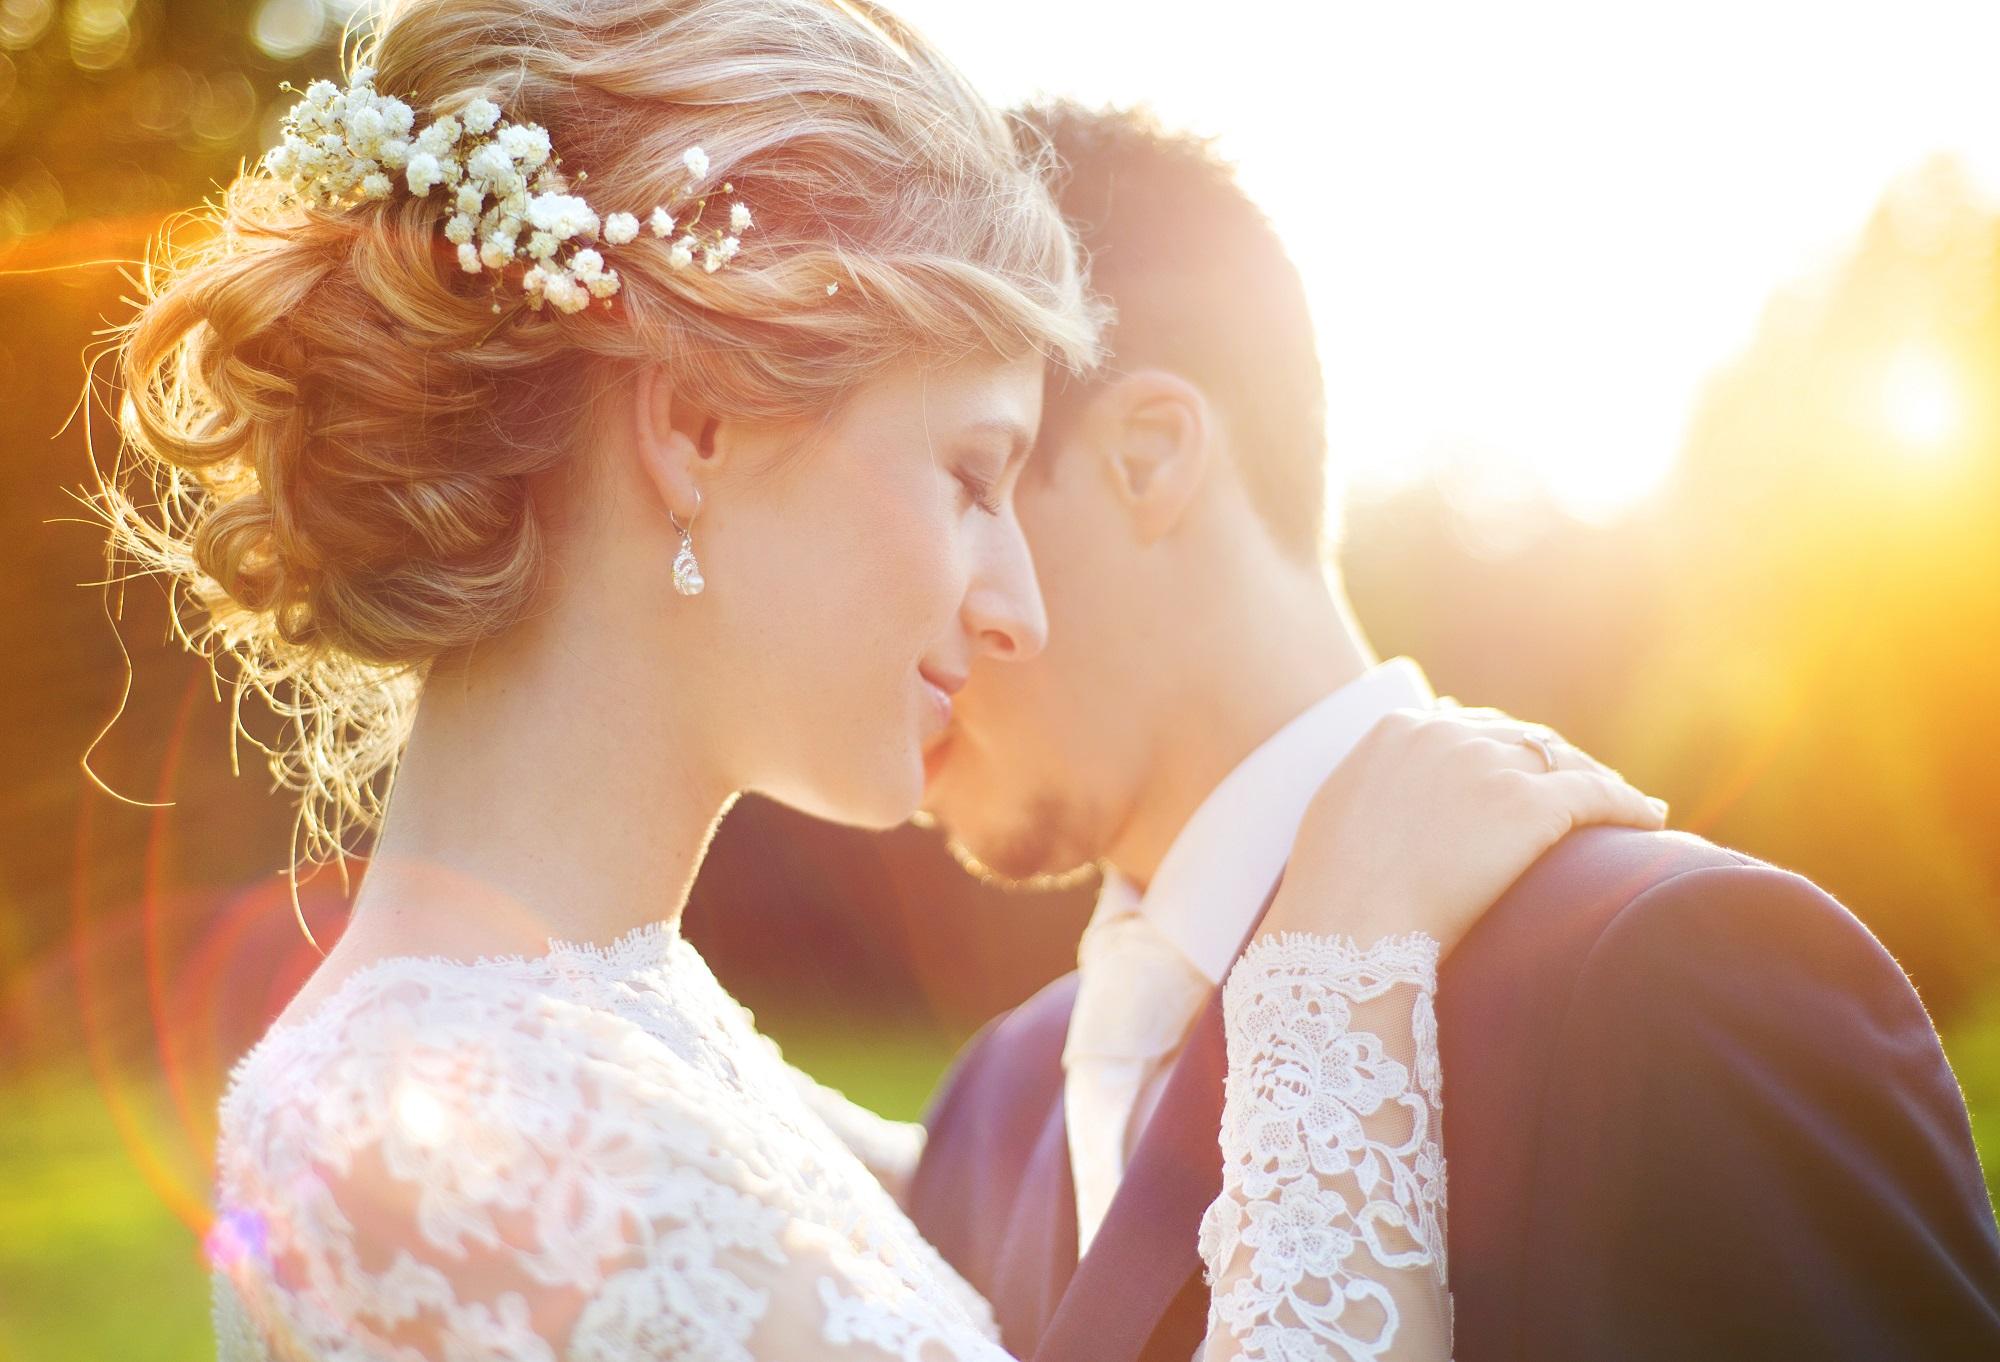 Se marier pour l'argent datant site